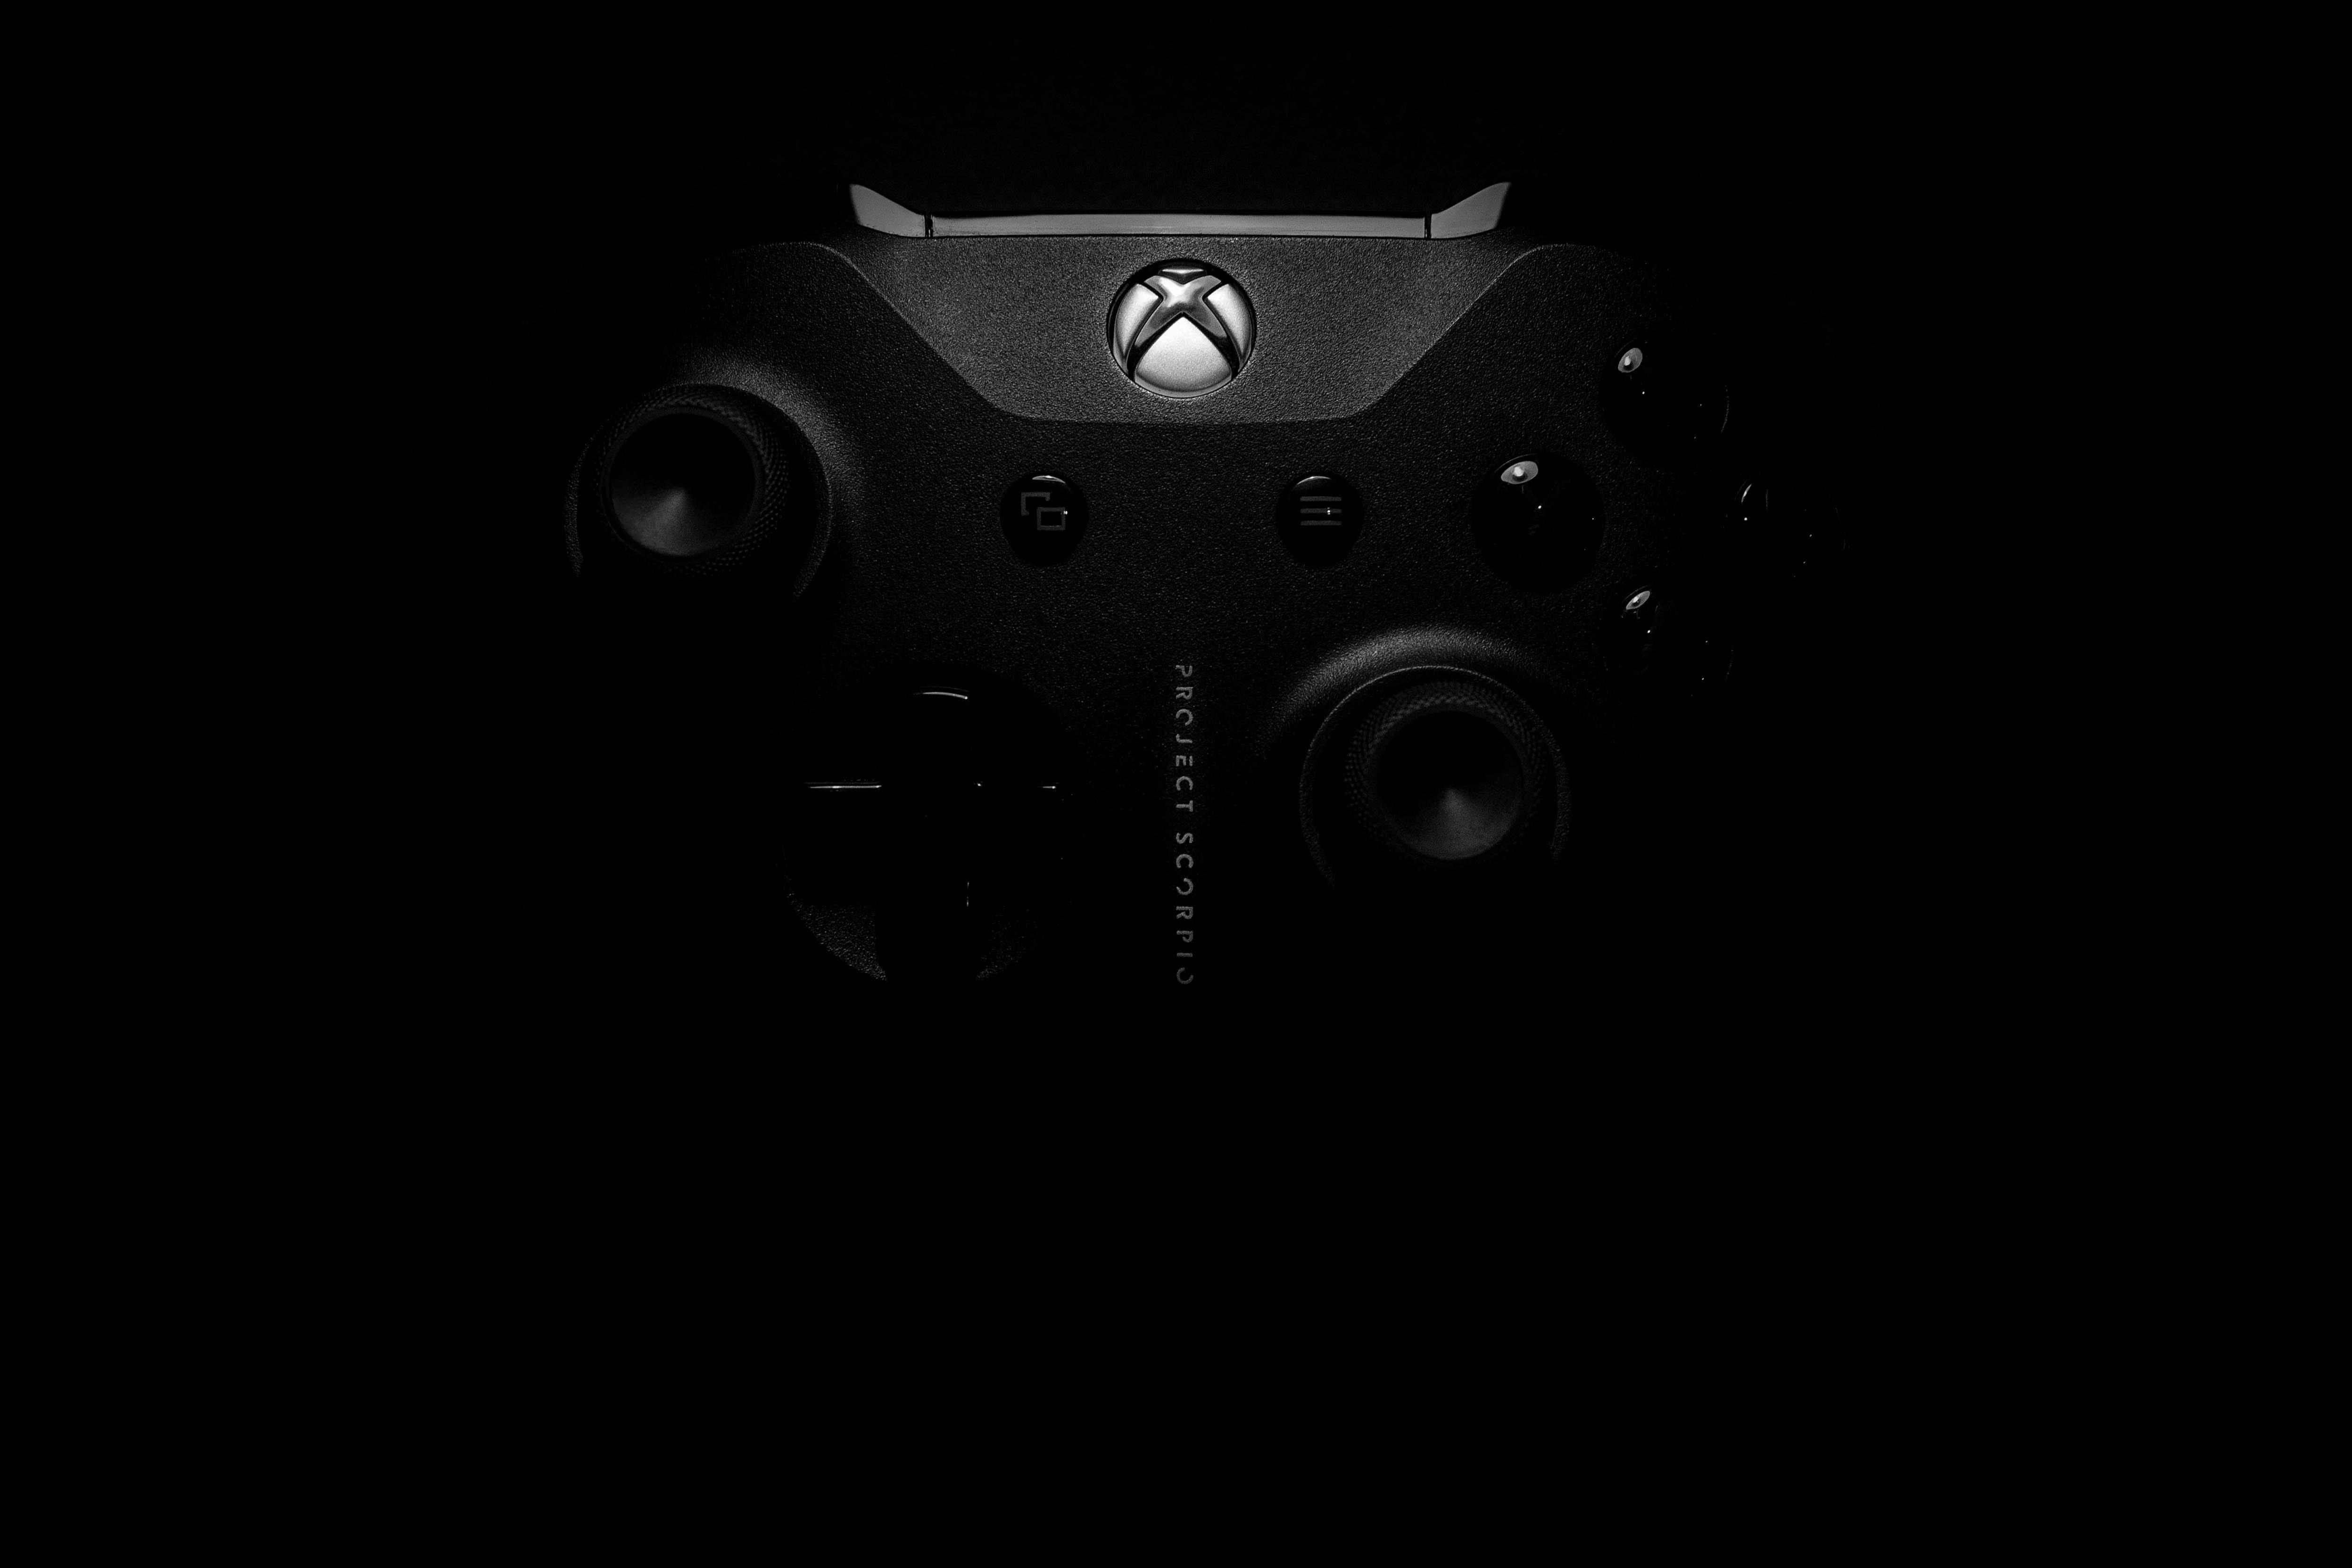 La Microsoft Xbox One X, la plus puissante des Xbox pour le moment, est à son plus bas prix